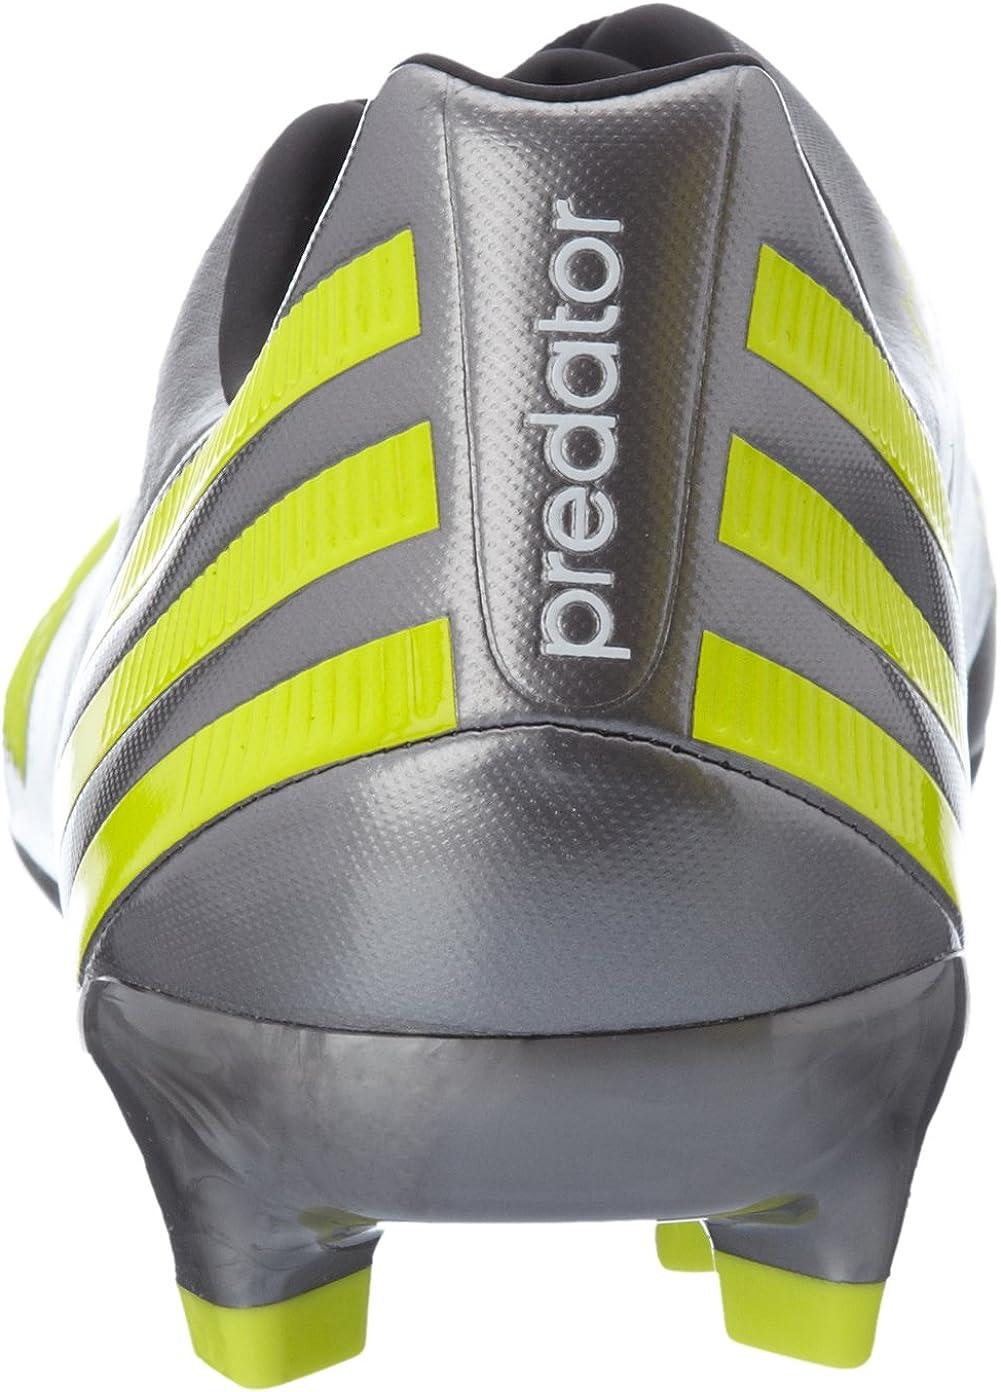 Adidas Predator LZ TRX FG Absolion hombre del fútbol Botas V20991 Tacos de fútbol (uk 7.5 Nosotros